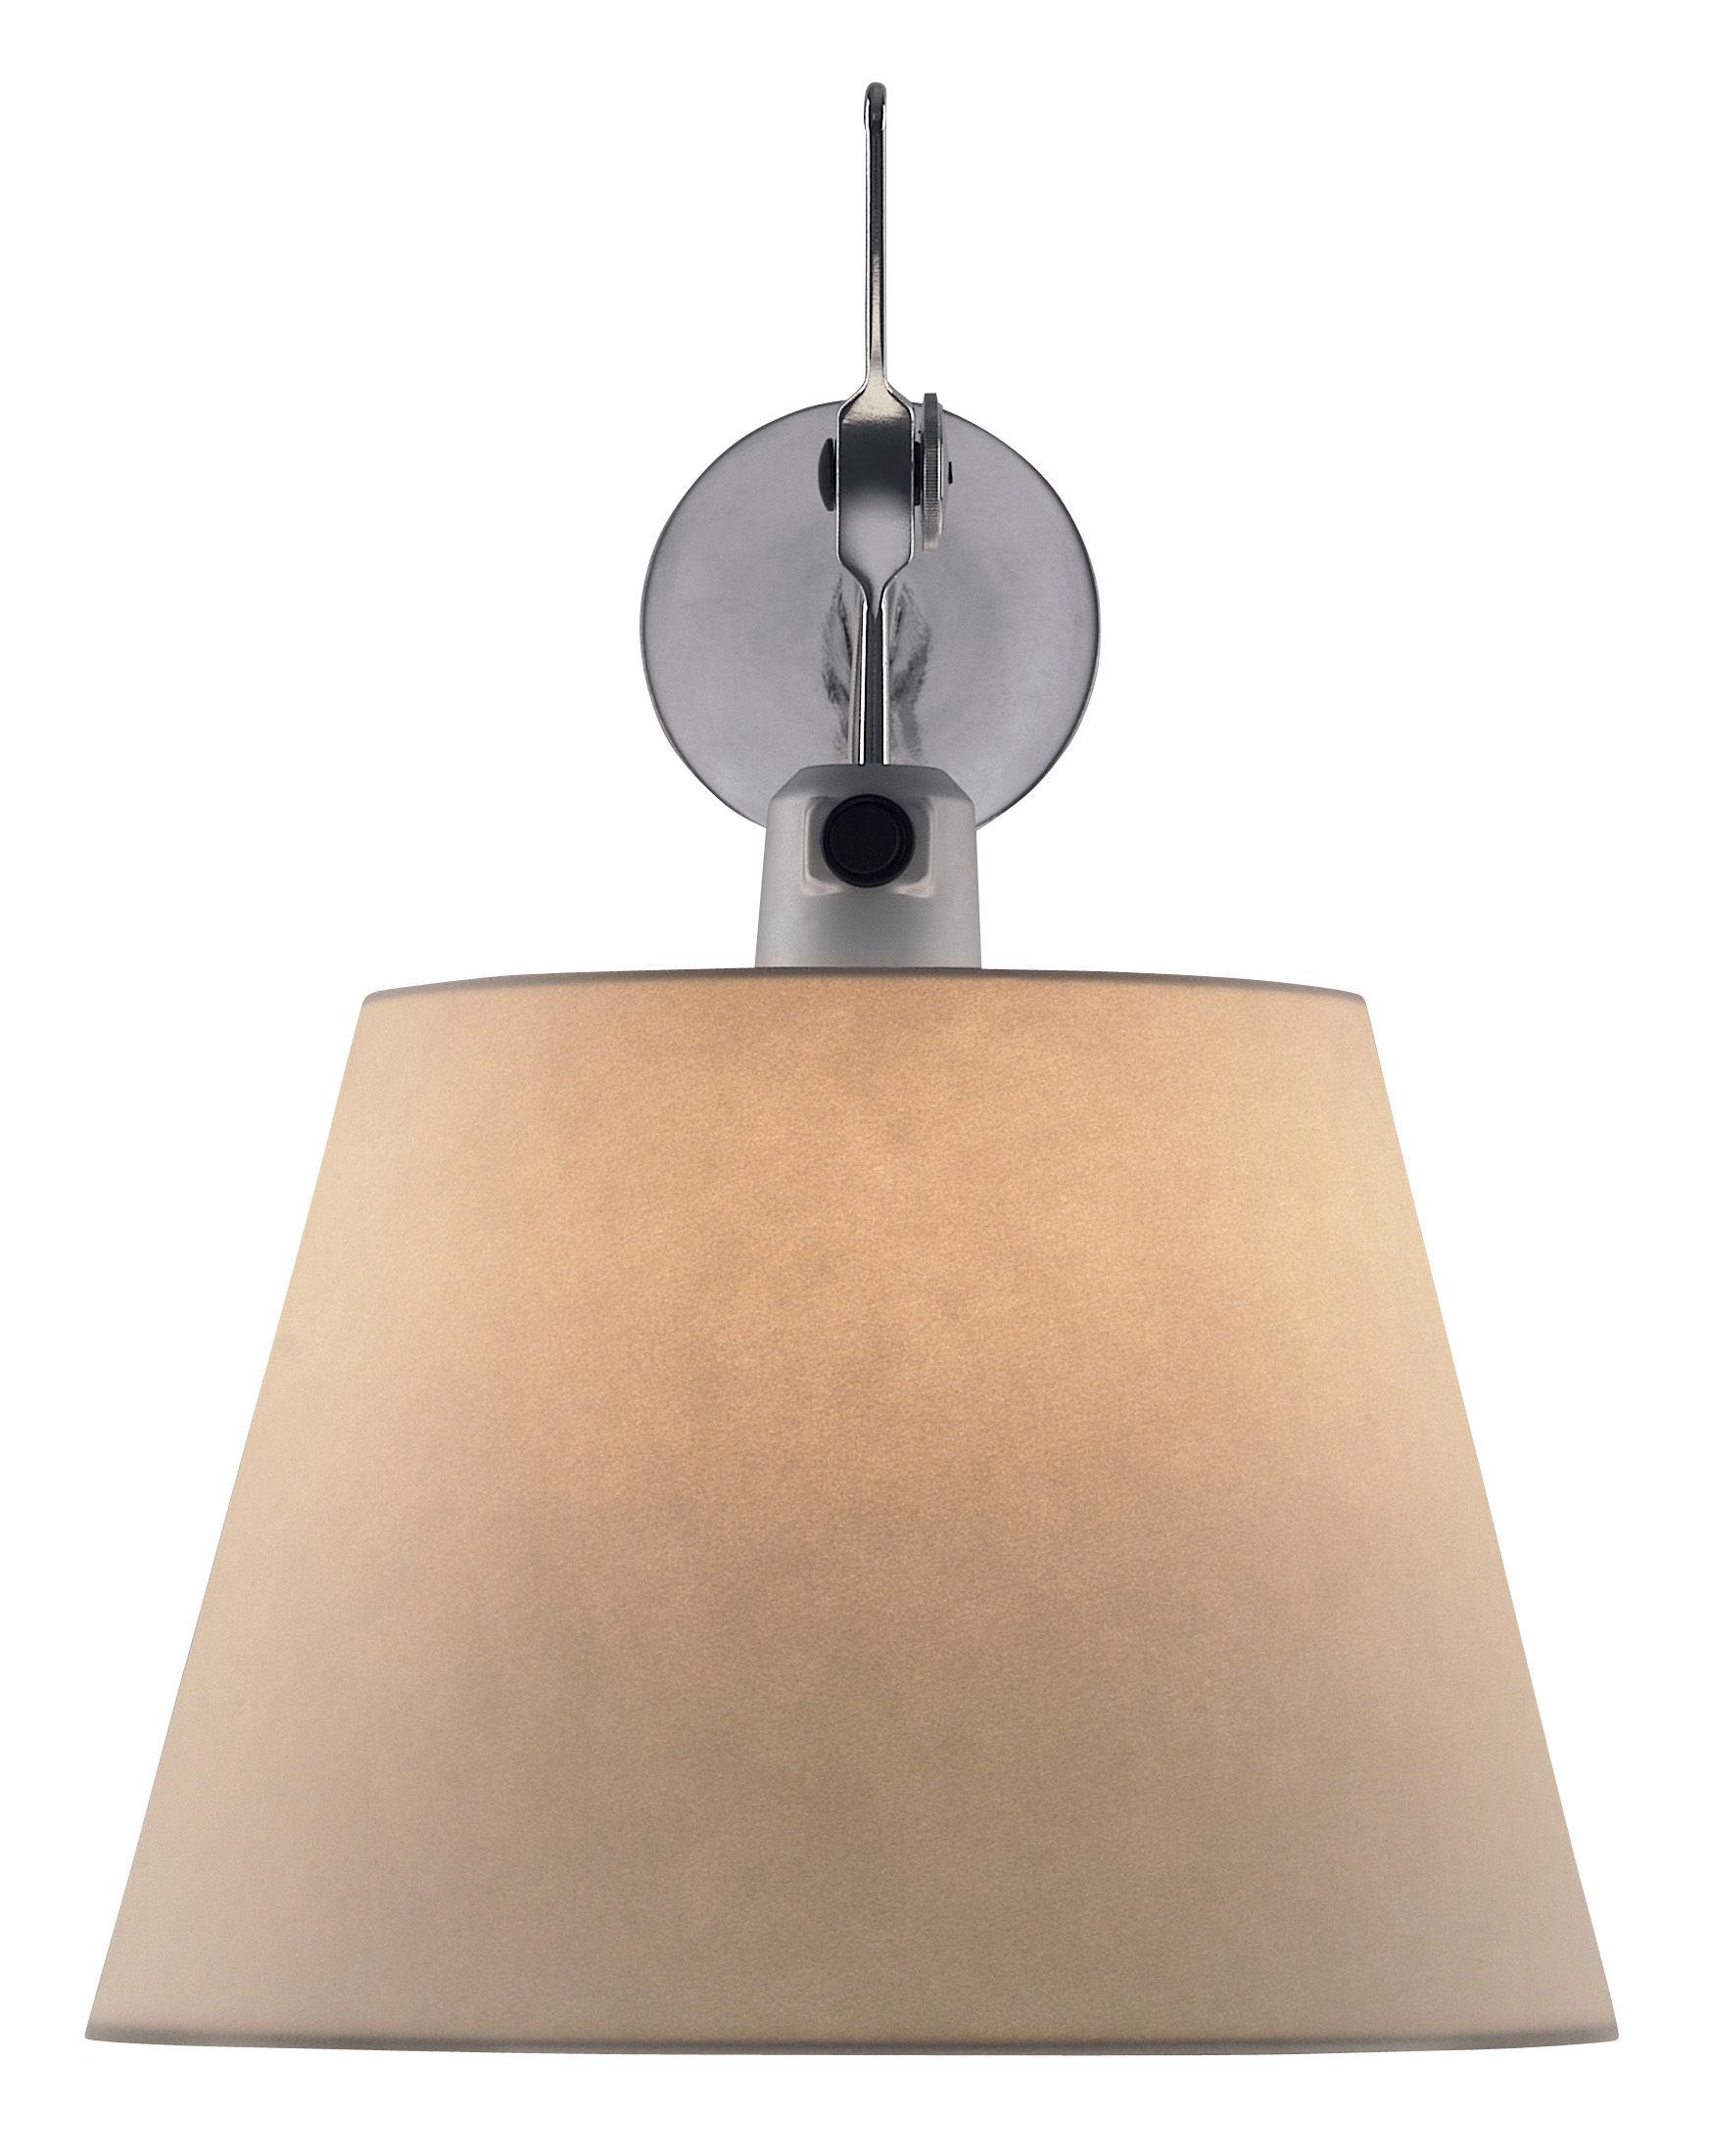 Luminaire - Appliques - Applique Tolomeo / Ø 18 cm - Artemide - Aluminium & papier parchemin - Aluminium brillant, Aluminium poli, Papier parchemin